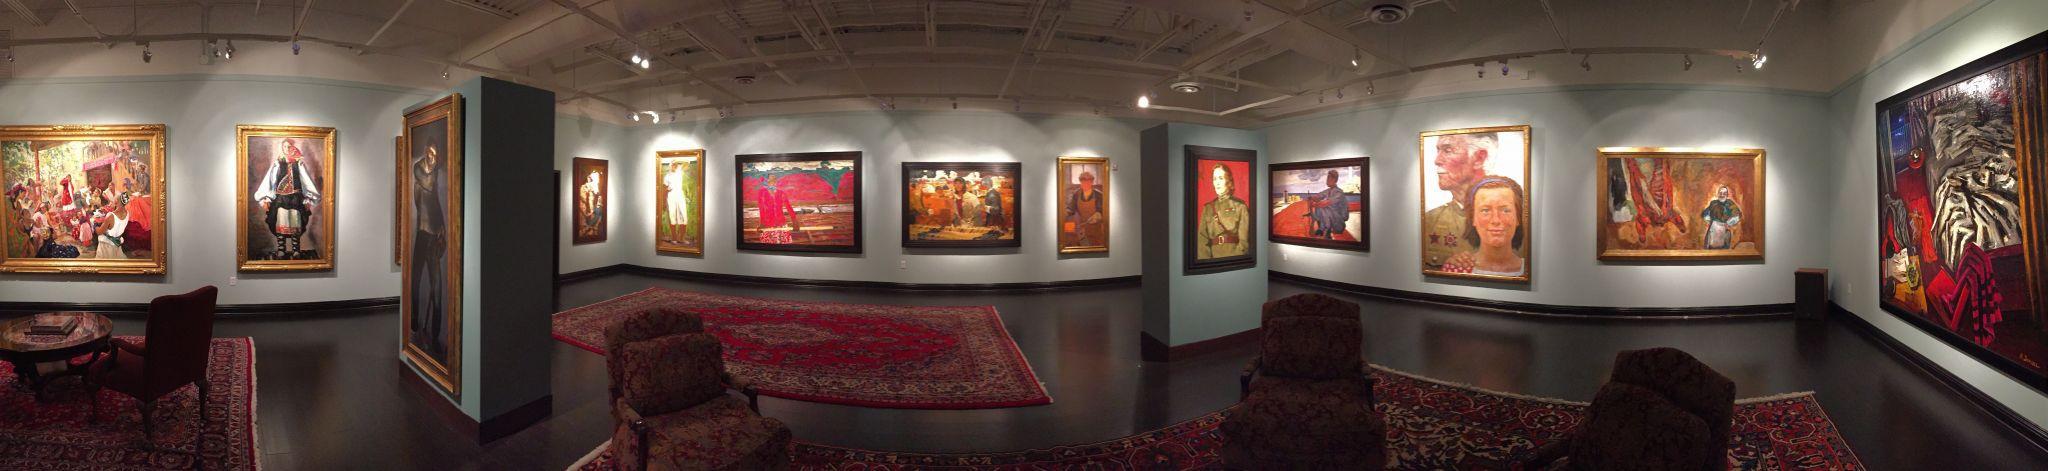 Overland Gallery 4